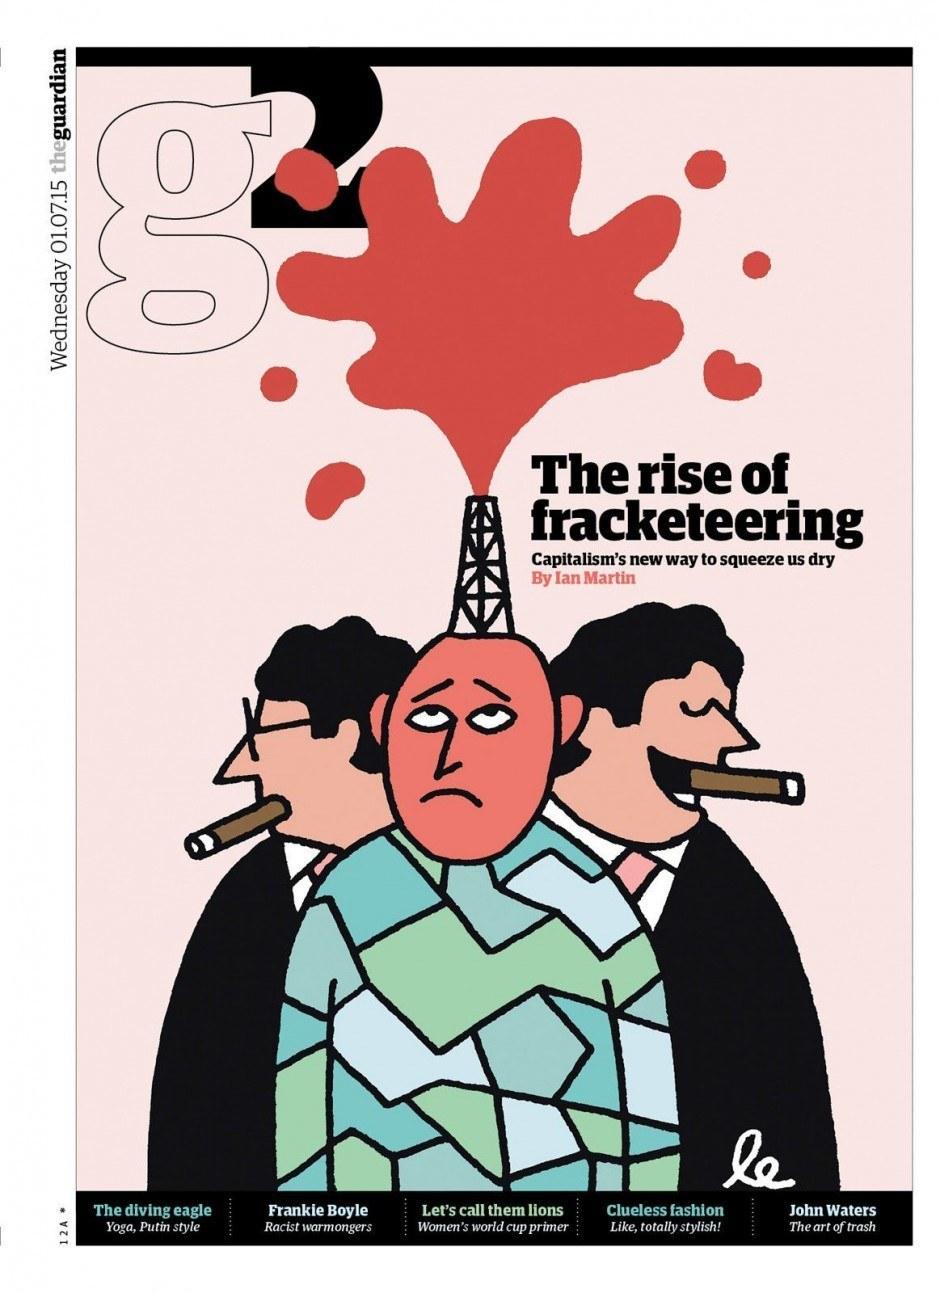 Die bösen Kapitalisten und das Fracking – visuell für den »Guardian« interpretiert von Leon Edler alias leillo. http://leillo.com